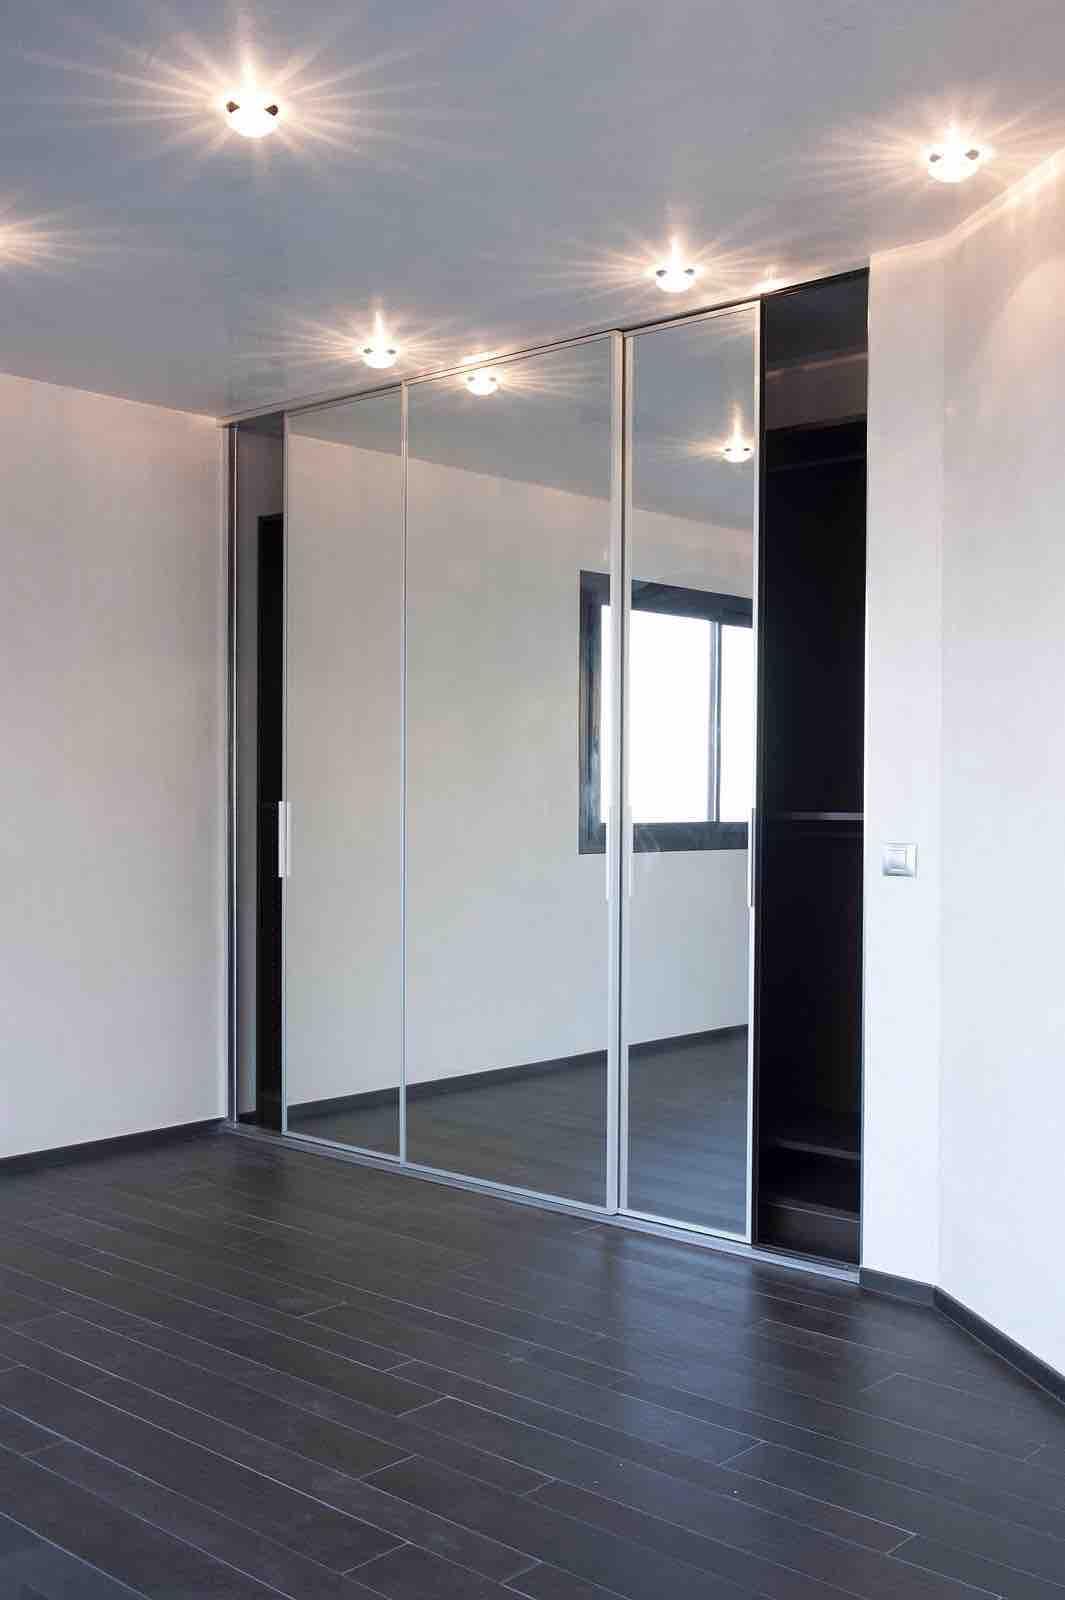 Porte A Specchio Scorrevoli. Awesome Specchiato With Porte A ...